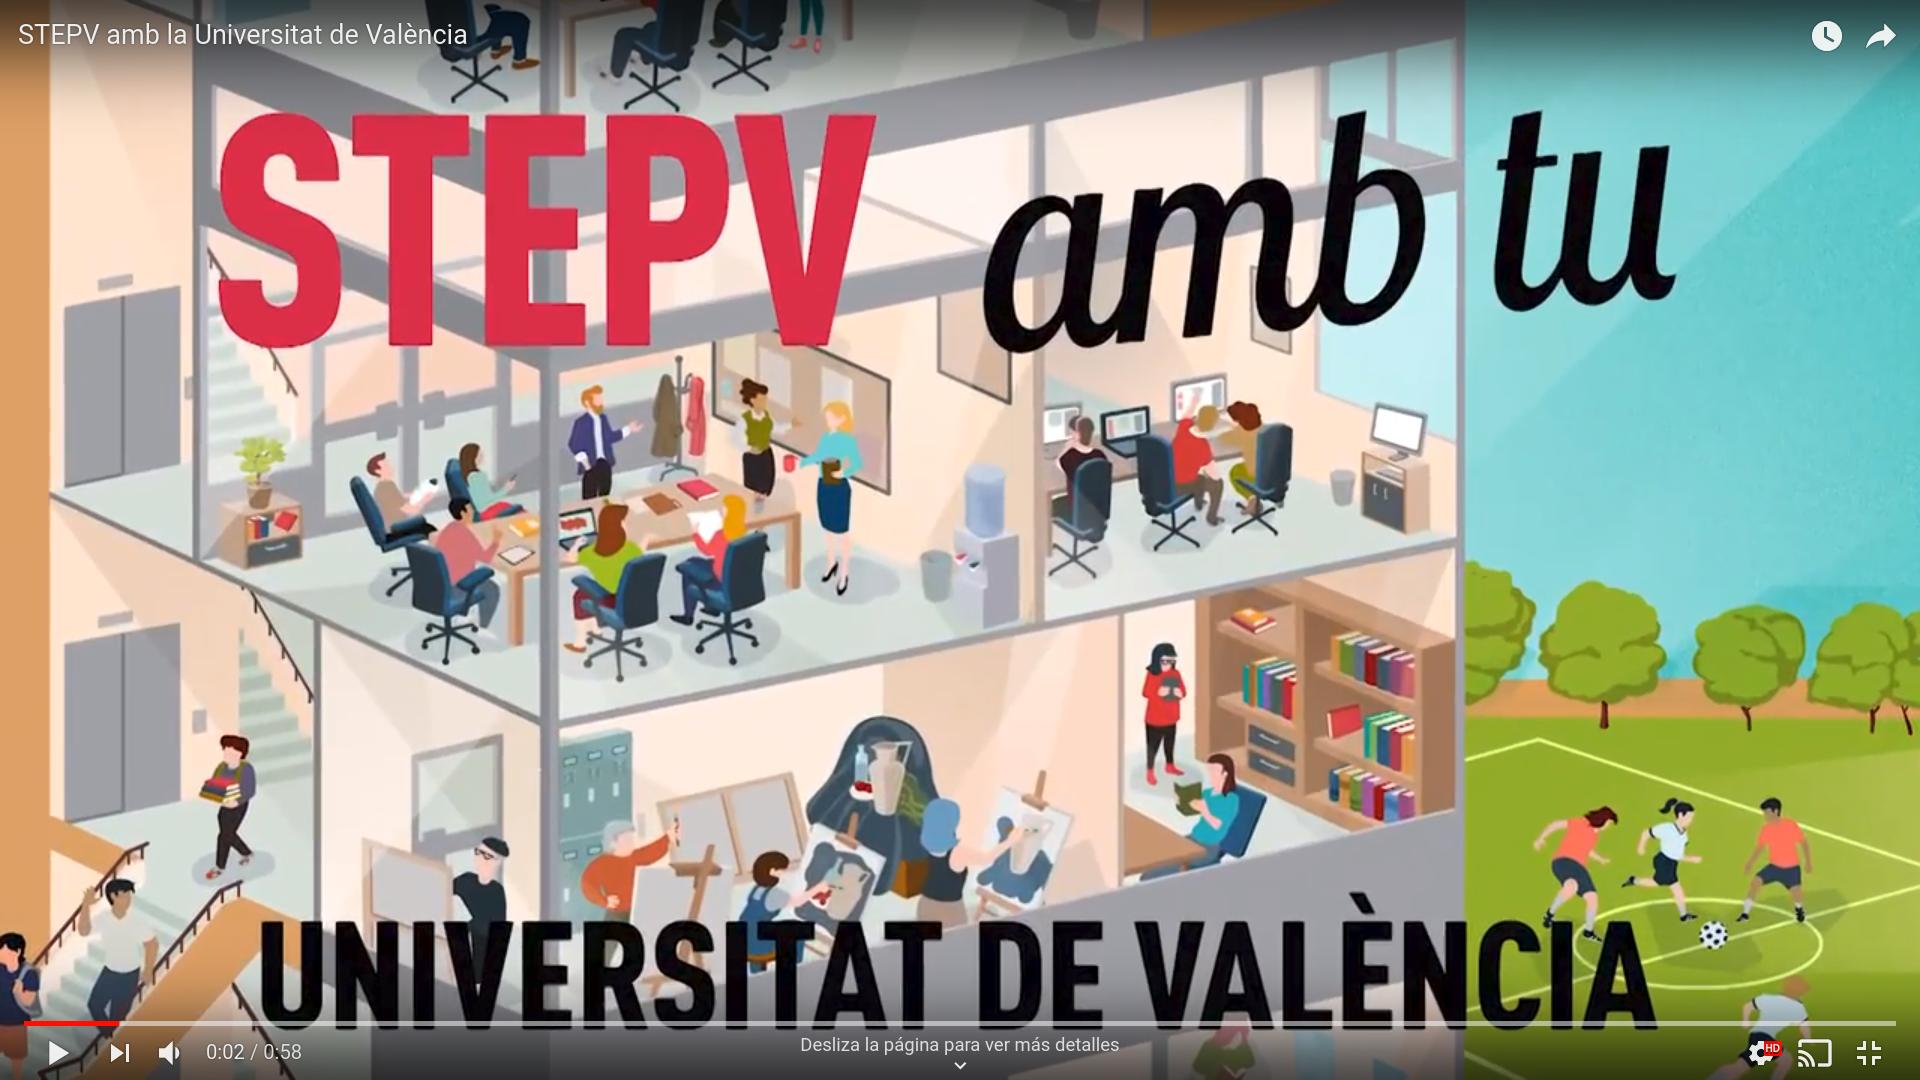 STEPV amb la Universitat de València